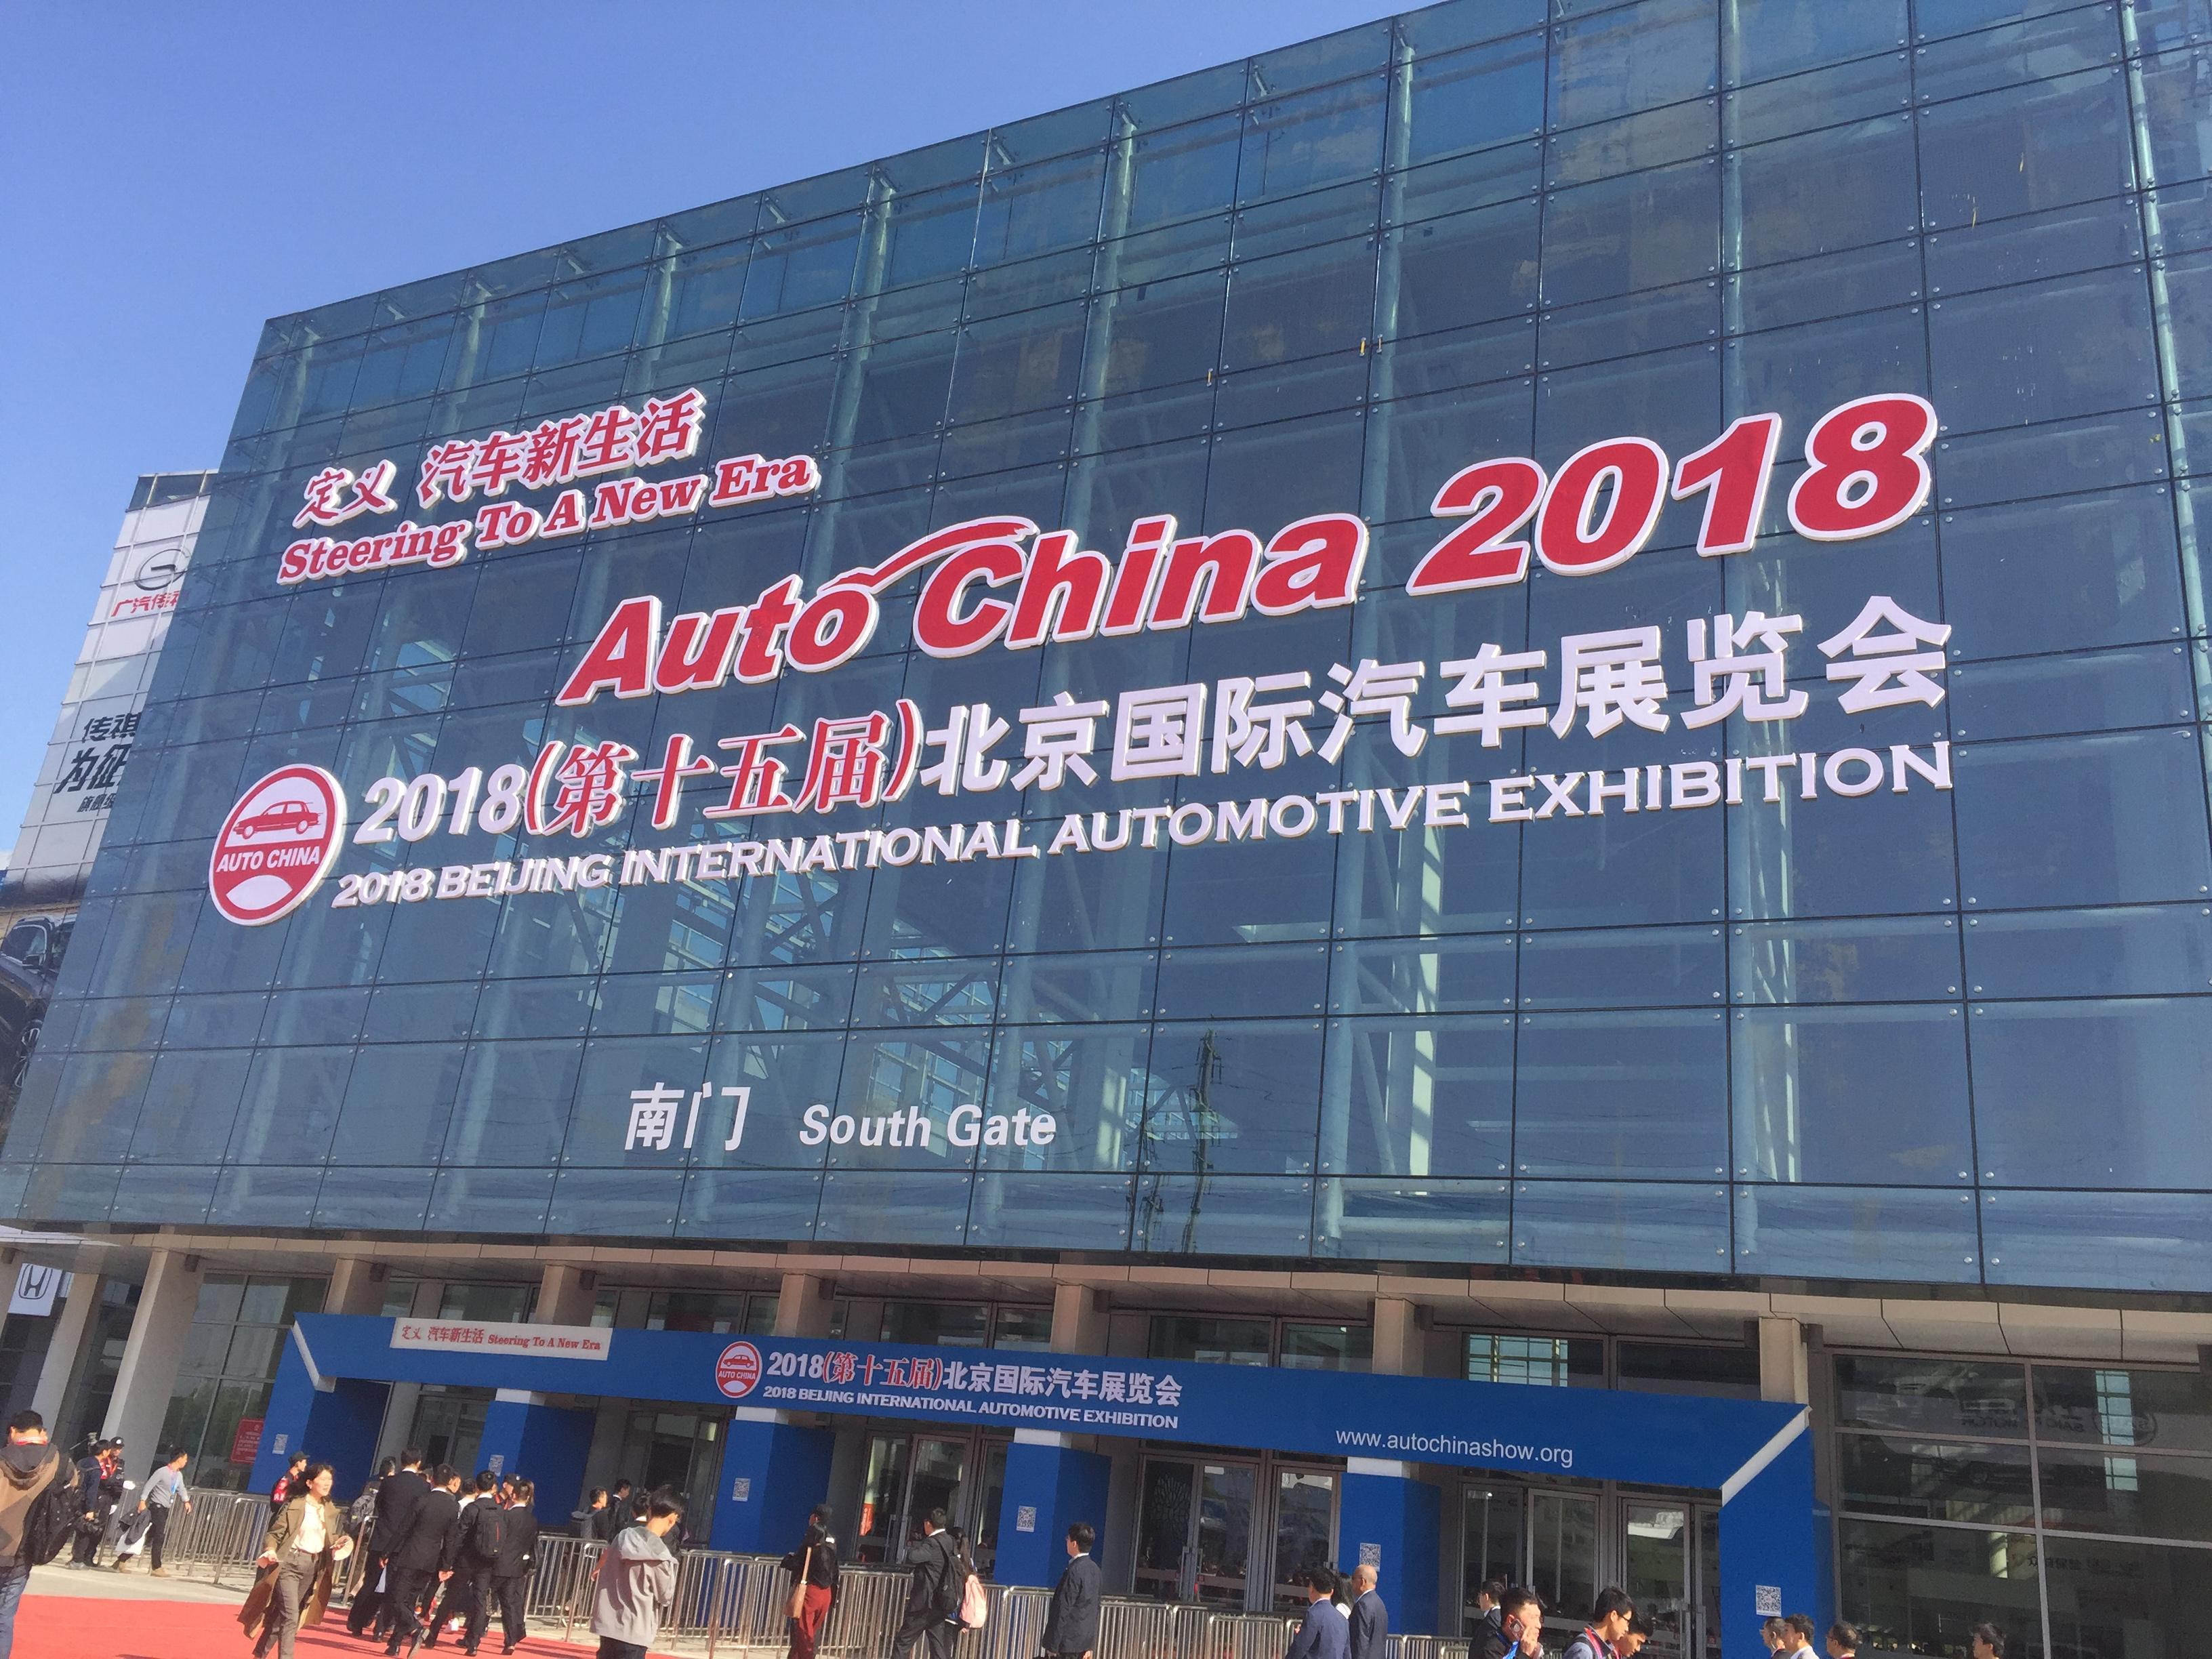 2018北京国际车展—政采小编带你动态逛车展